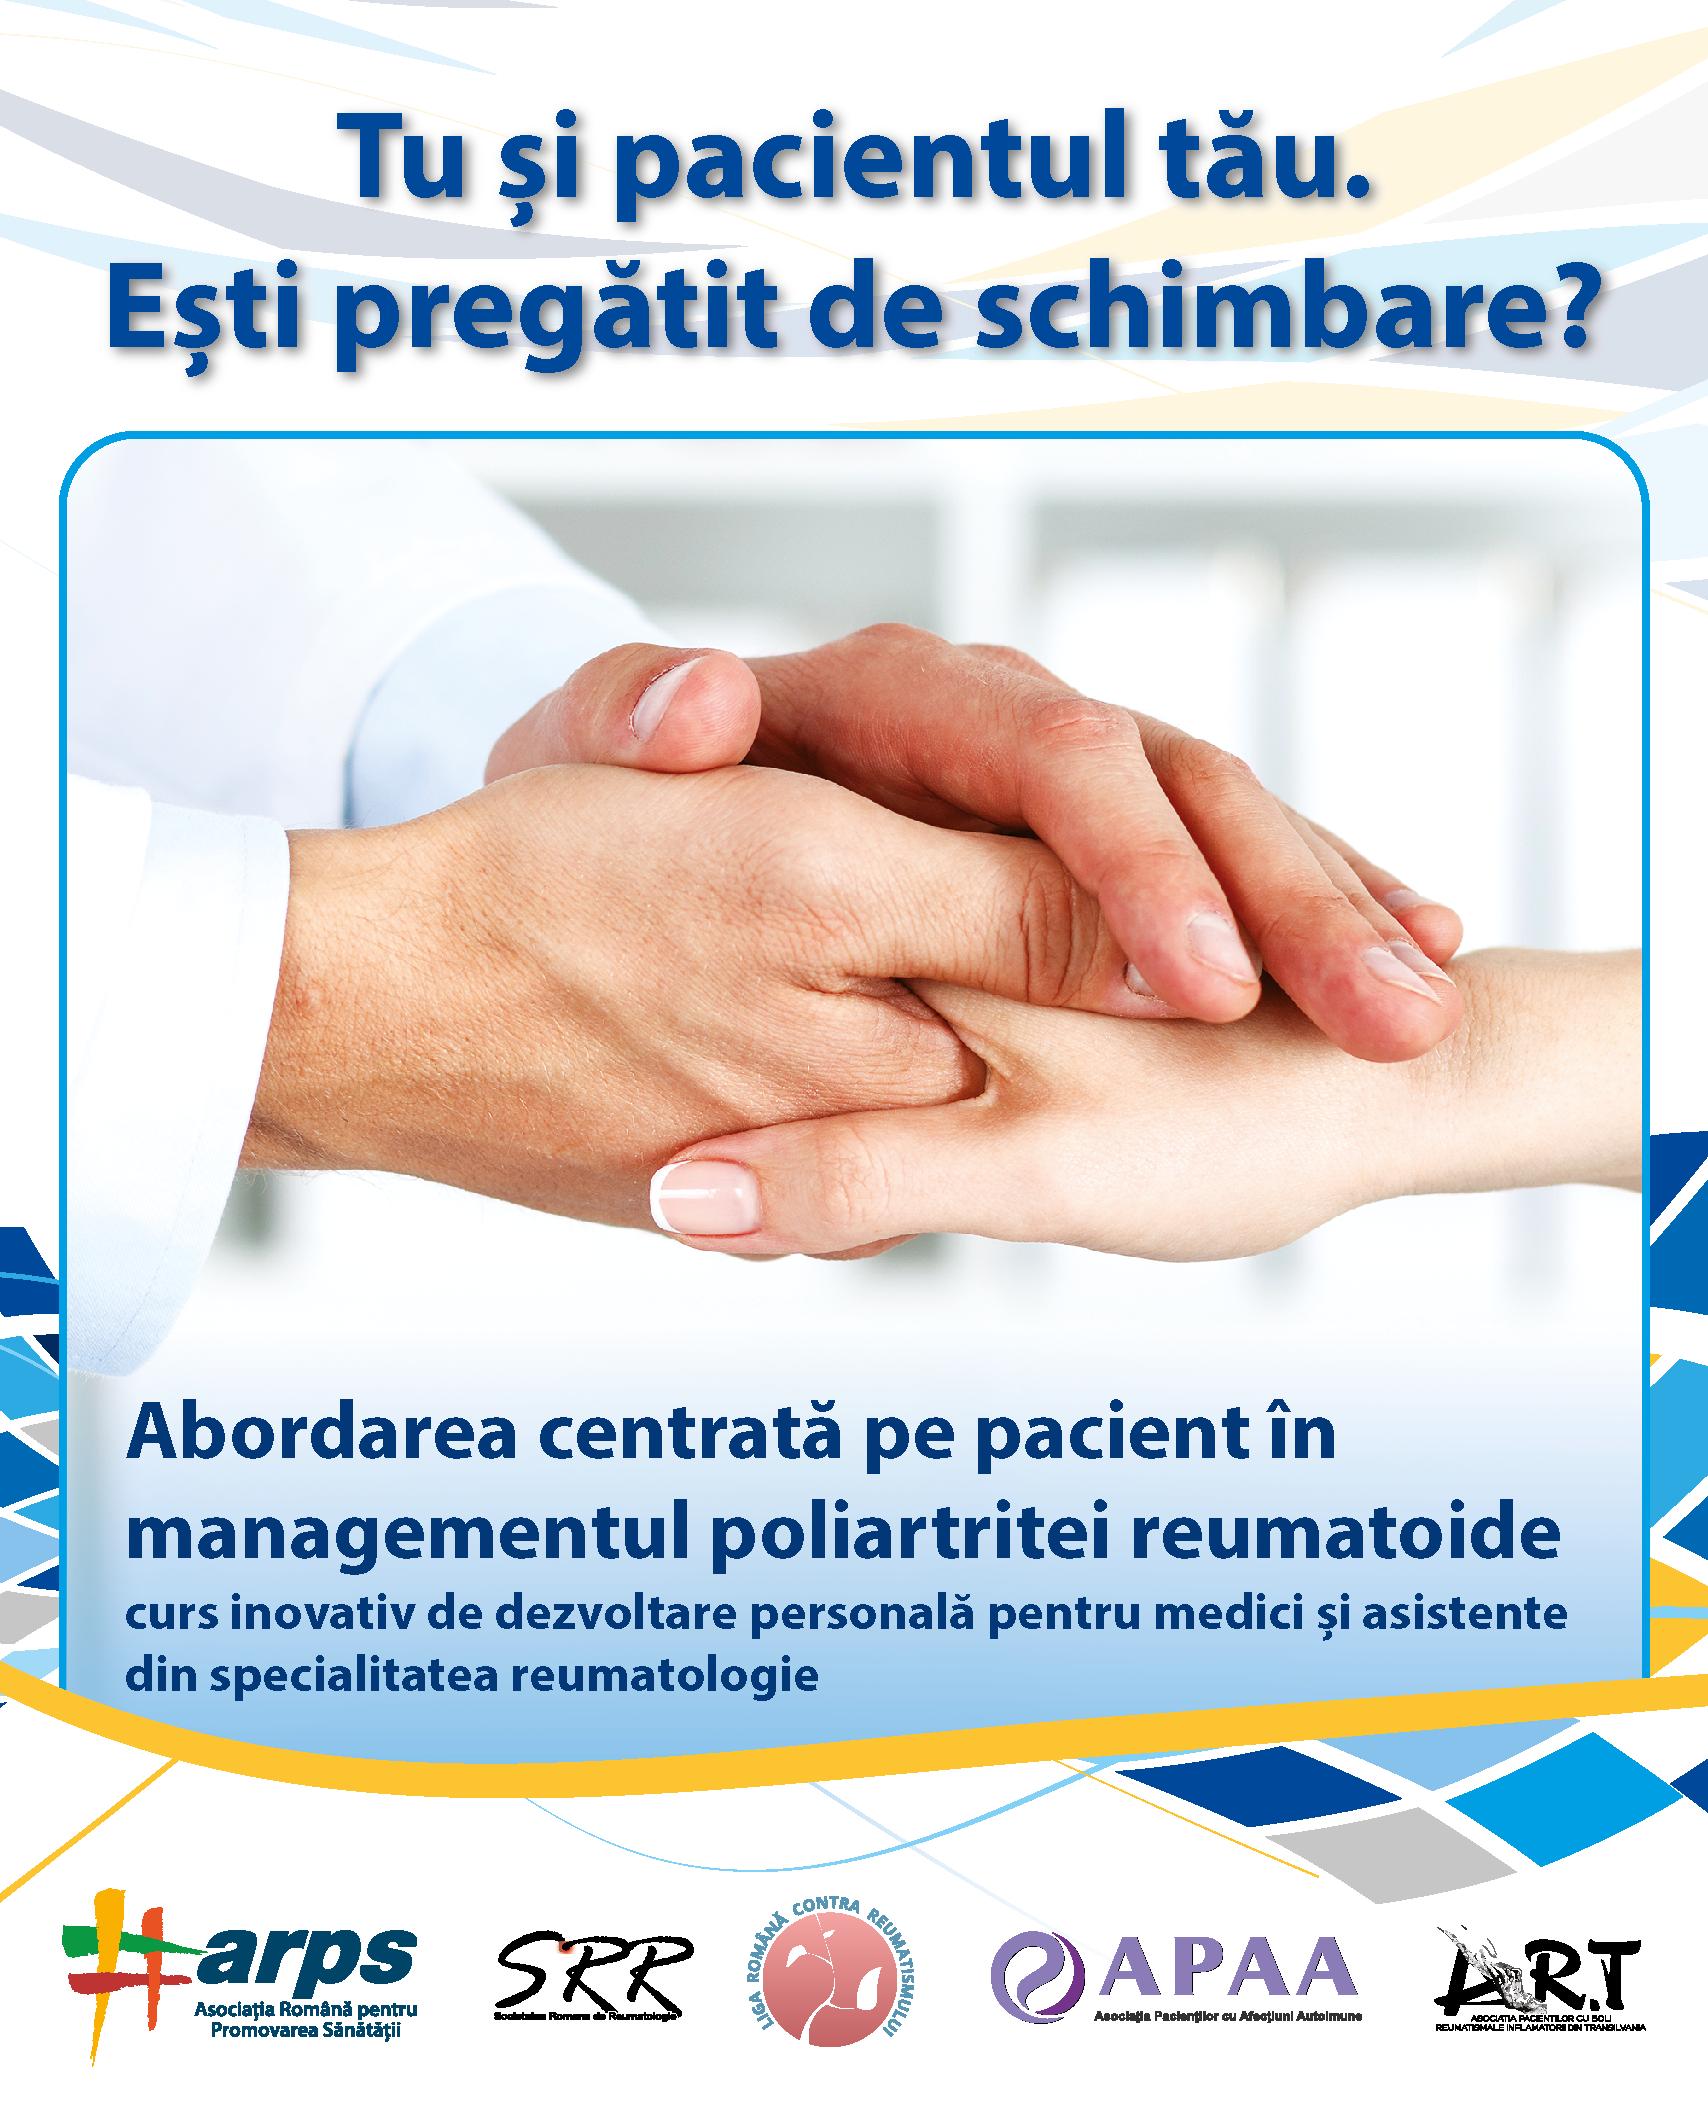 inflamația articulațiilor reumatismale)